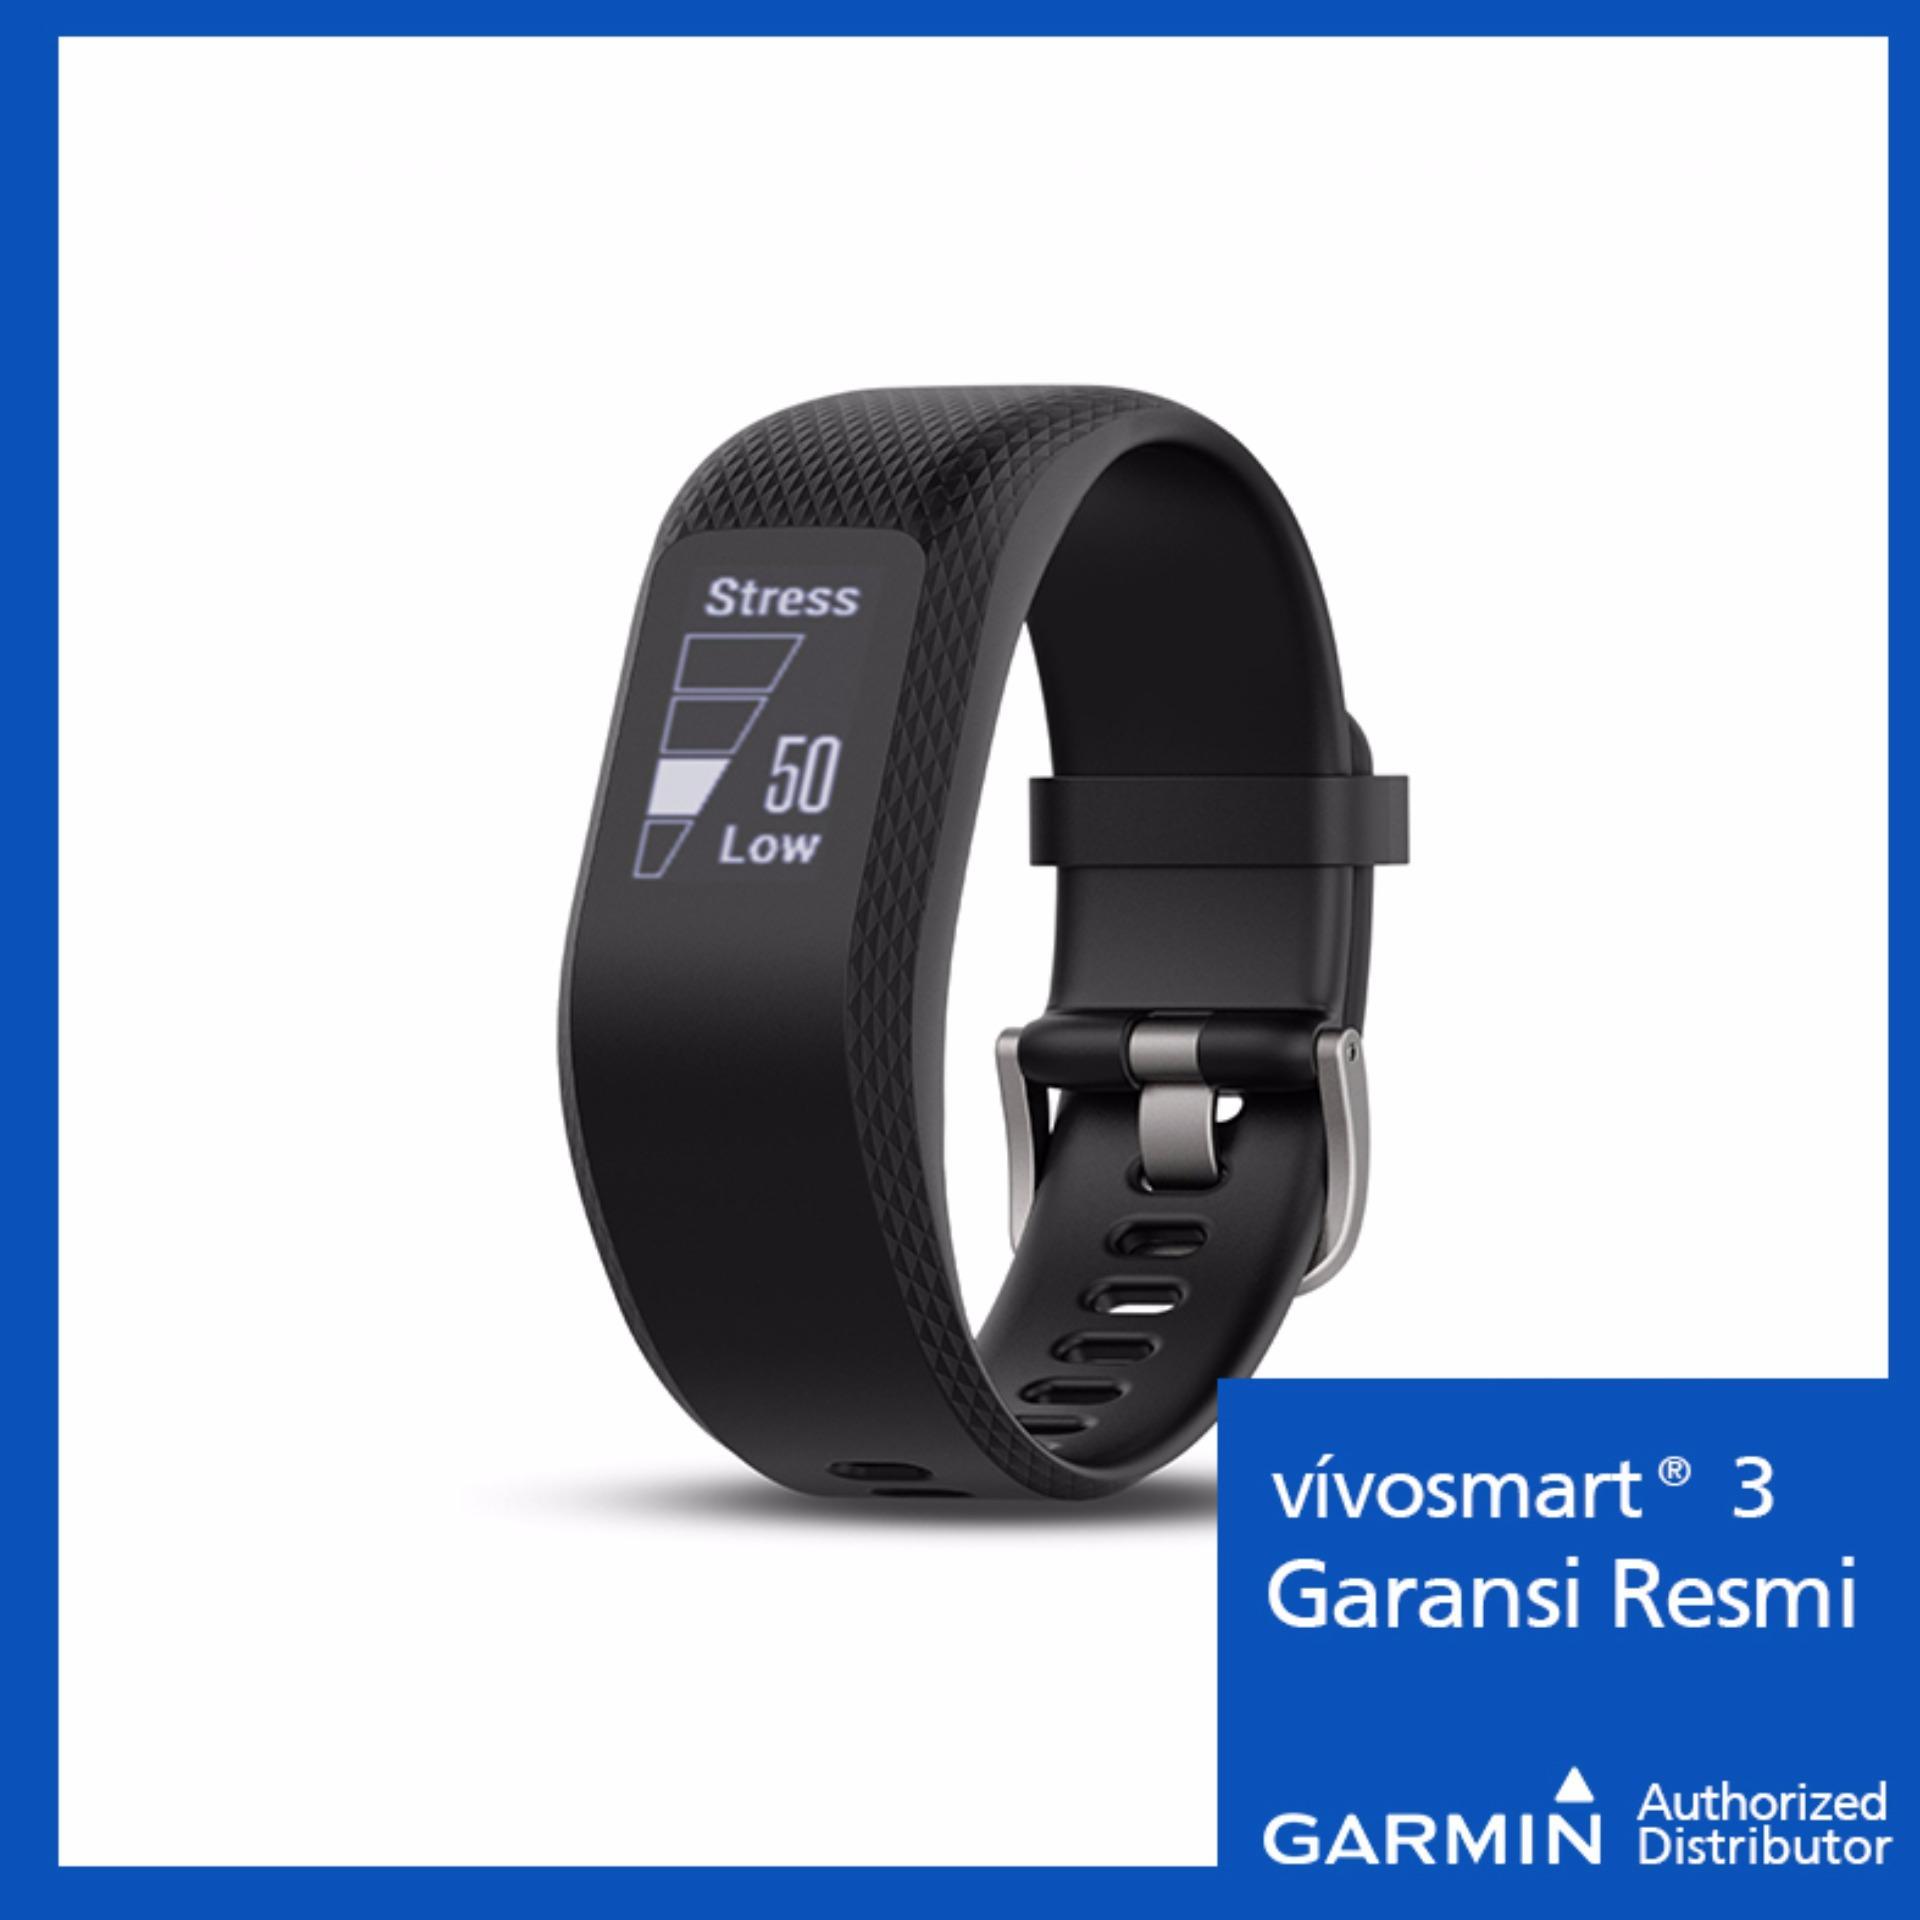 Garmin Vivosmart 3 Black - Pelacak Aktivitas Hitam .